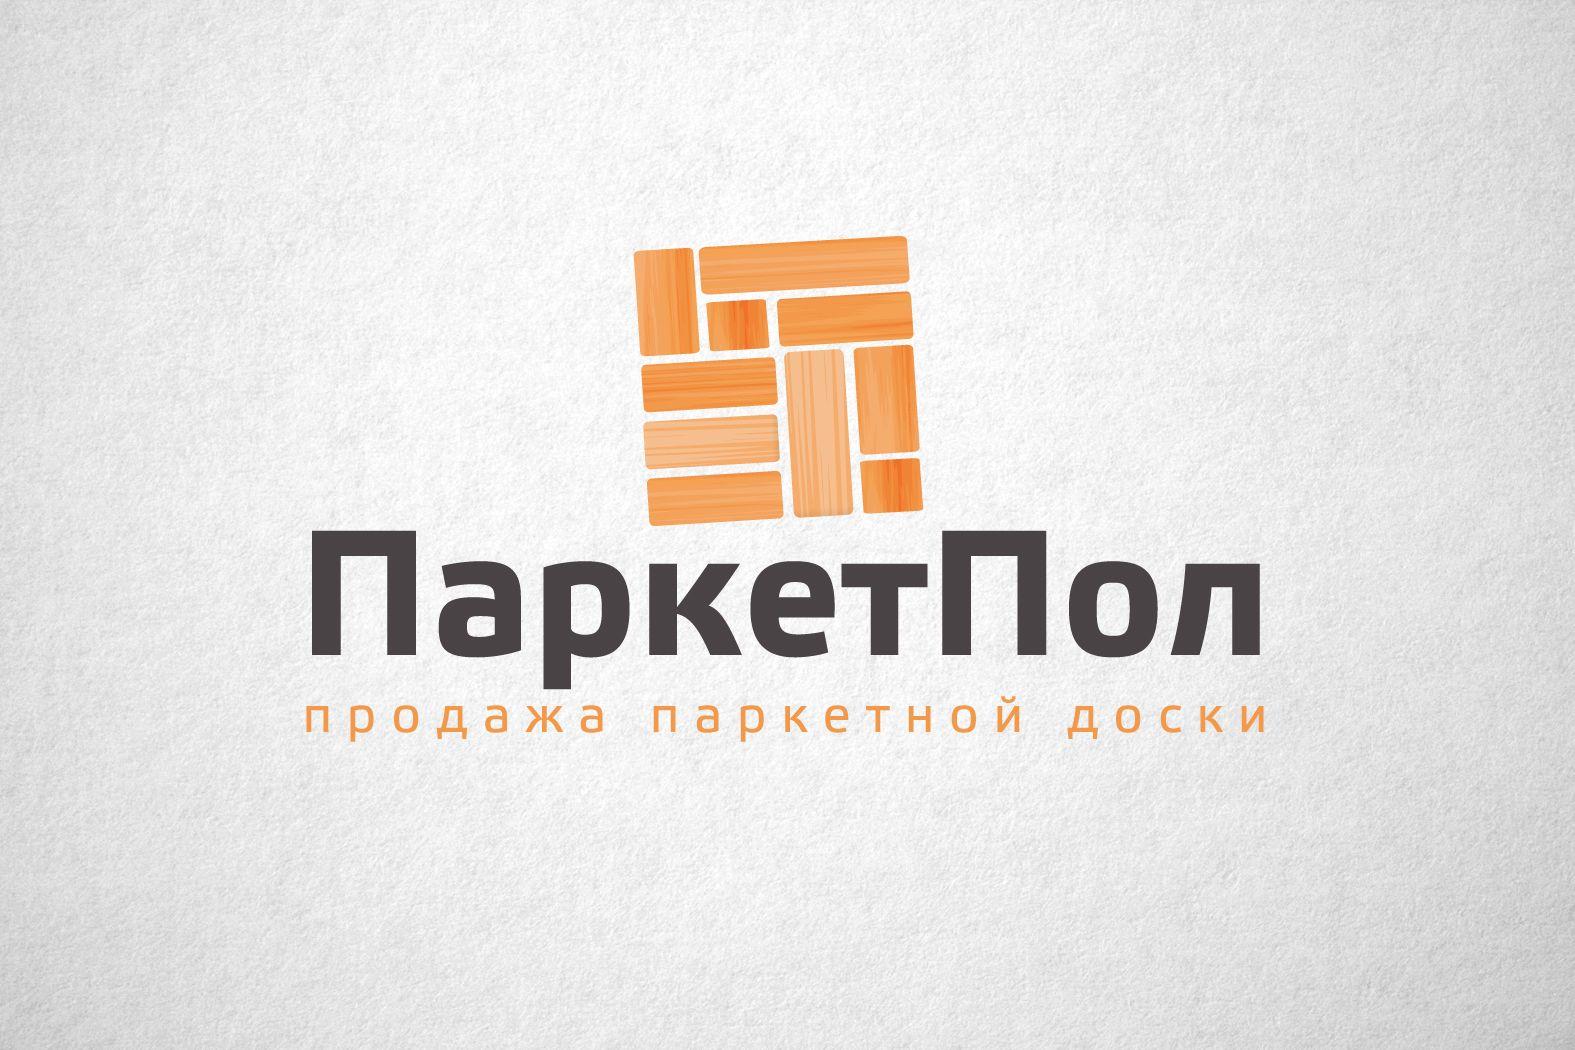 Лого и фирменный стиль компании по продаже паркета - дизайнер funkielevis